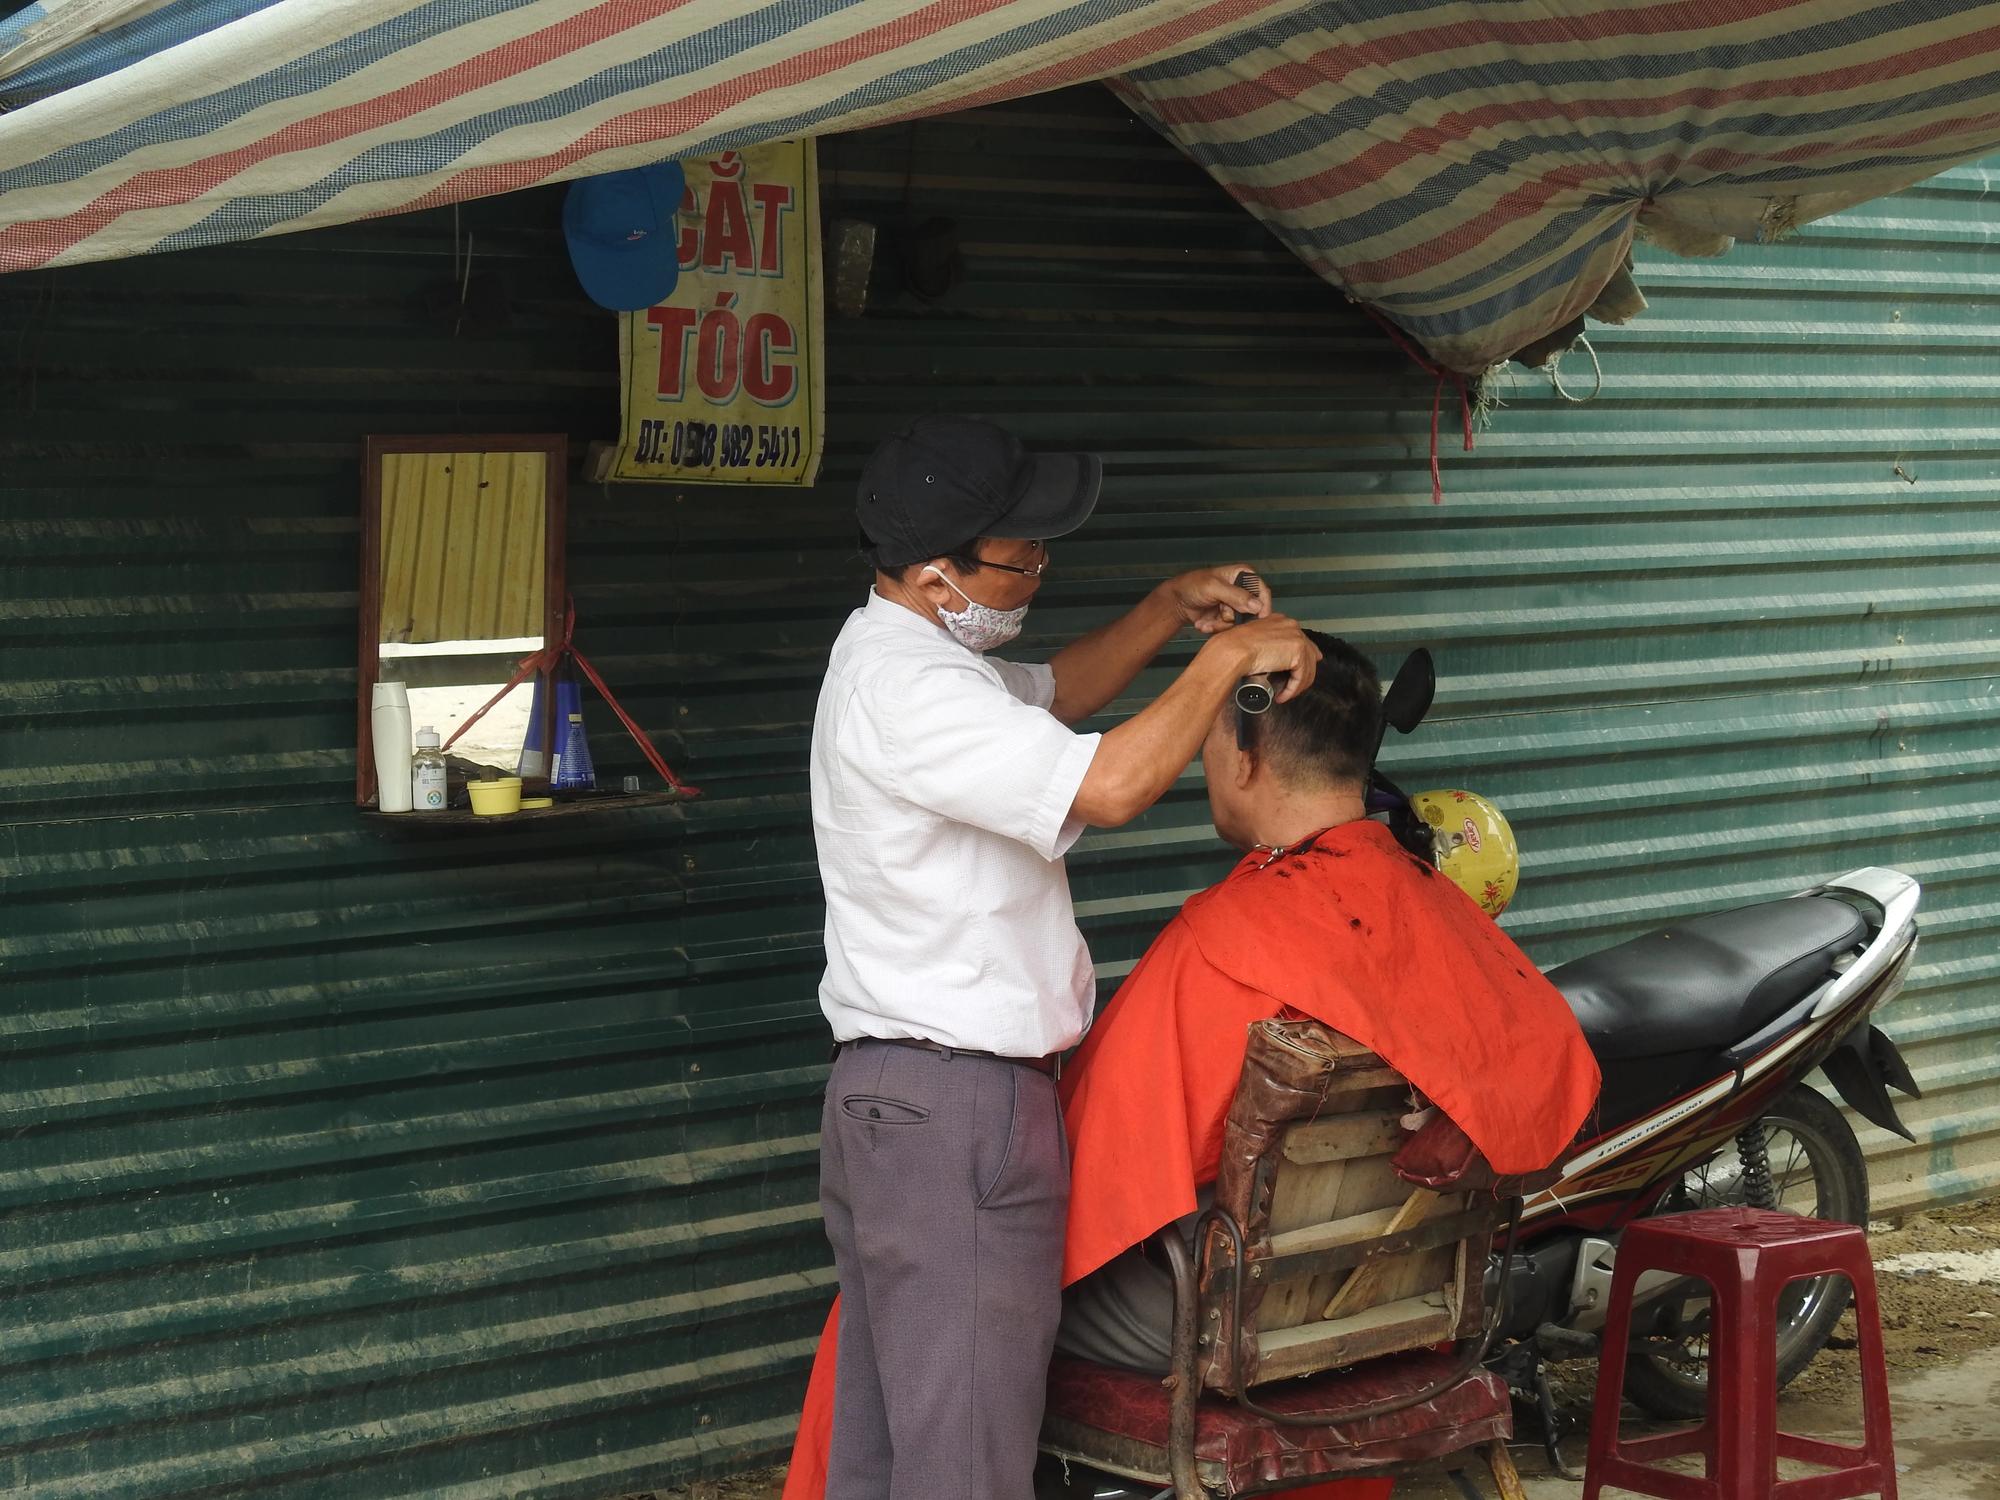 Từ 0h ngày 22/6, Hà Nội mở lại hàng cắt tóc, ăn uống tại chỗ - Ảnh 1.